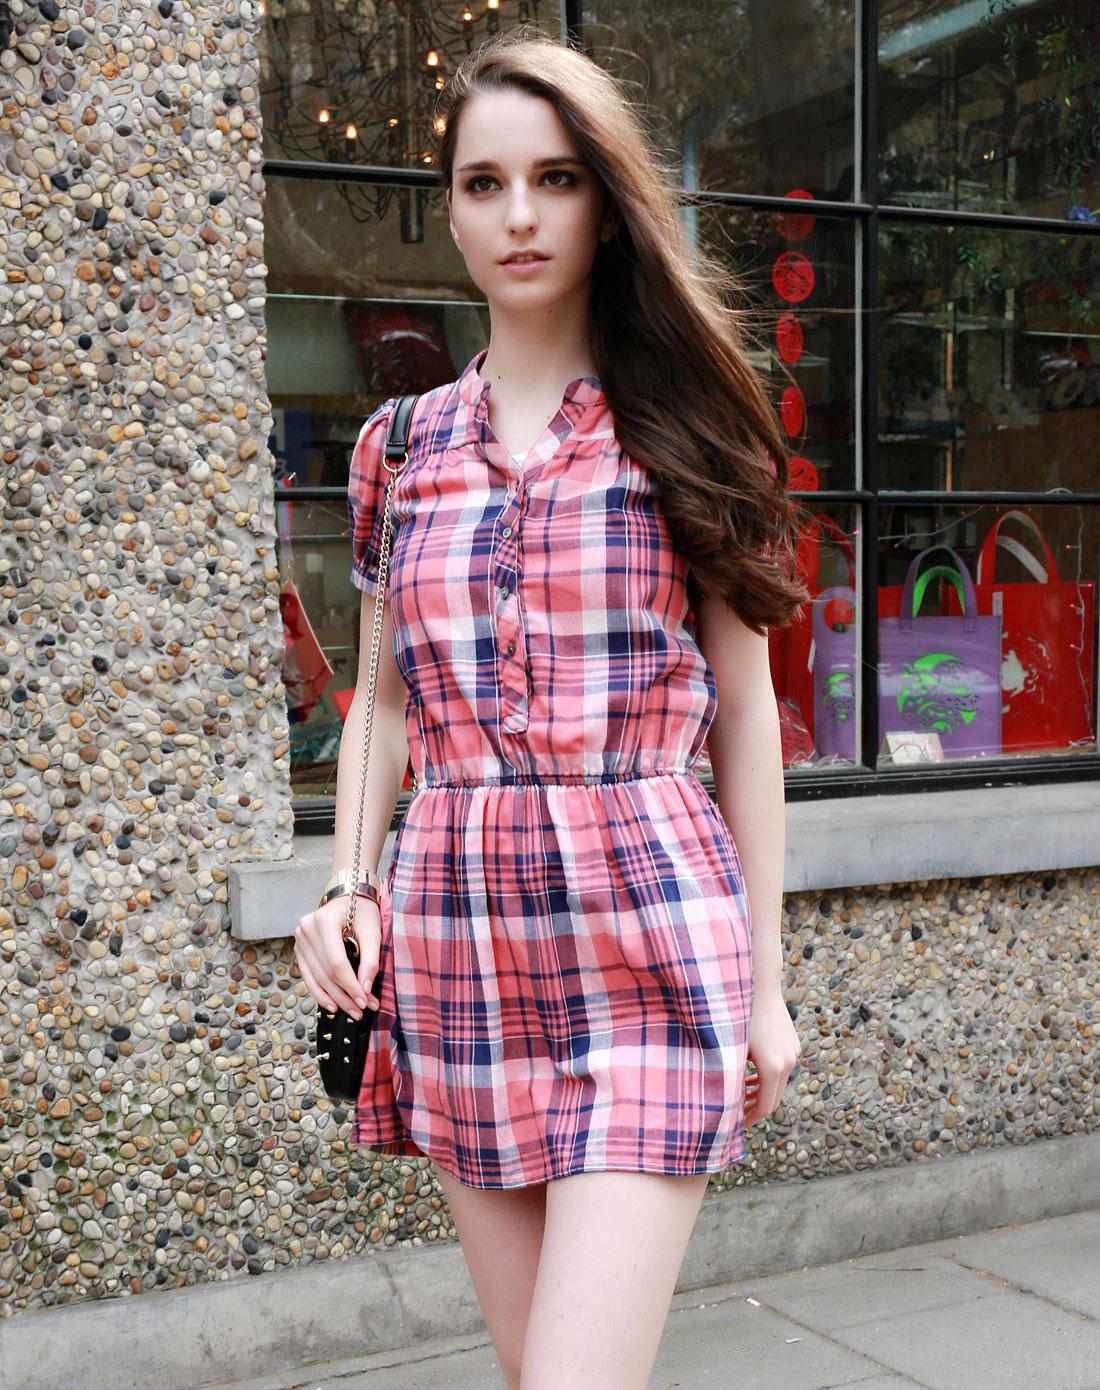 橘红/蓝色格纹时尚短袖连衣裙